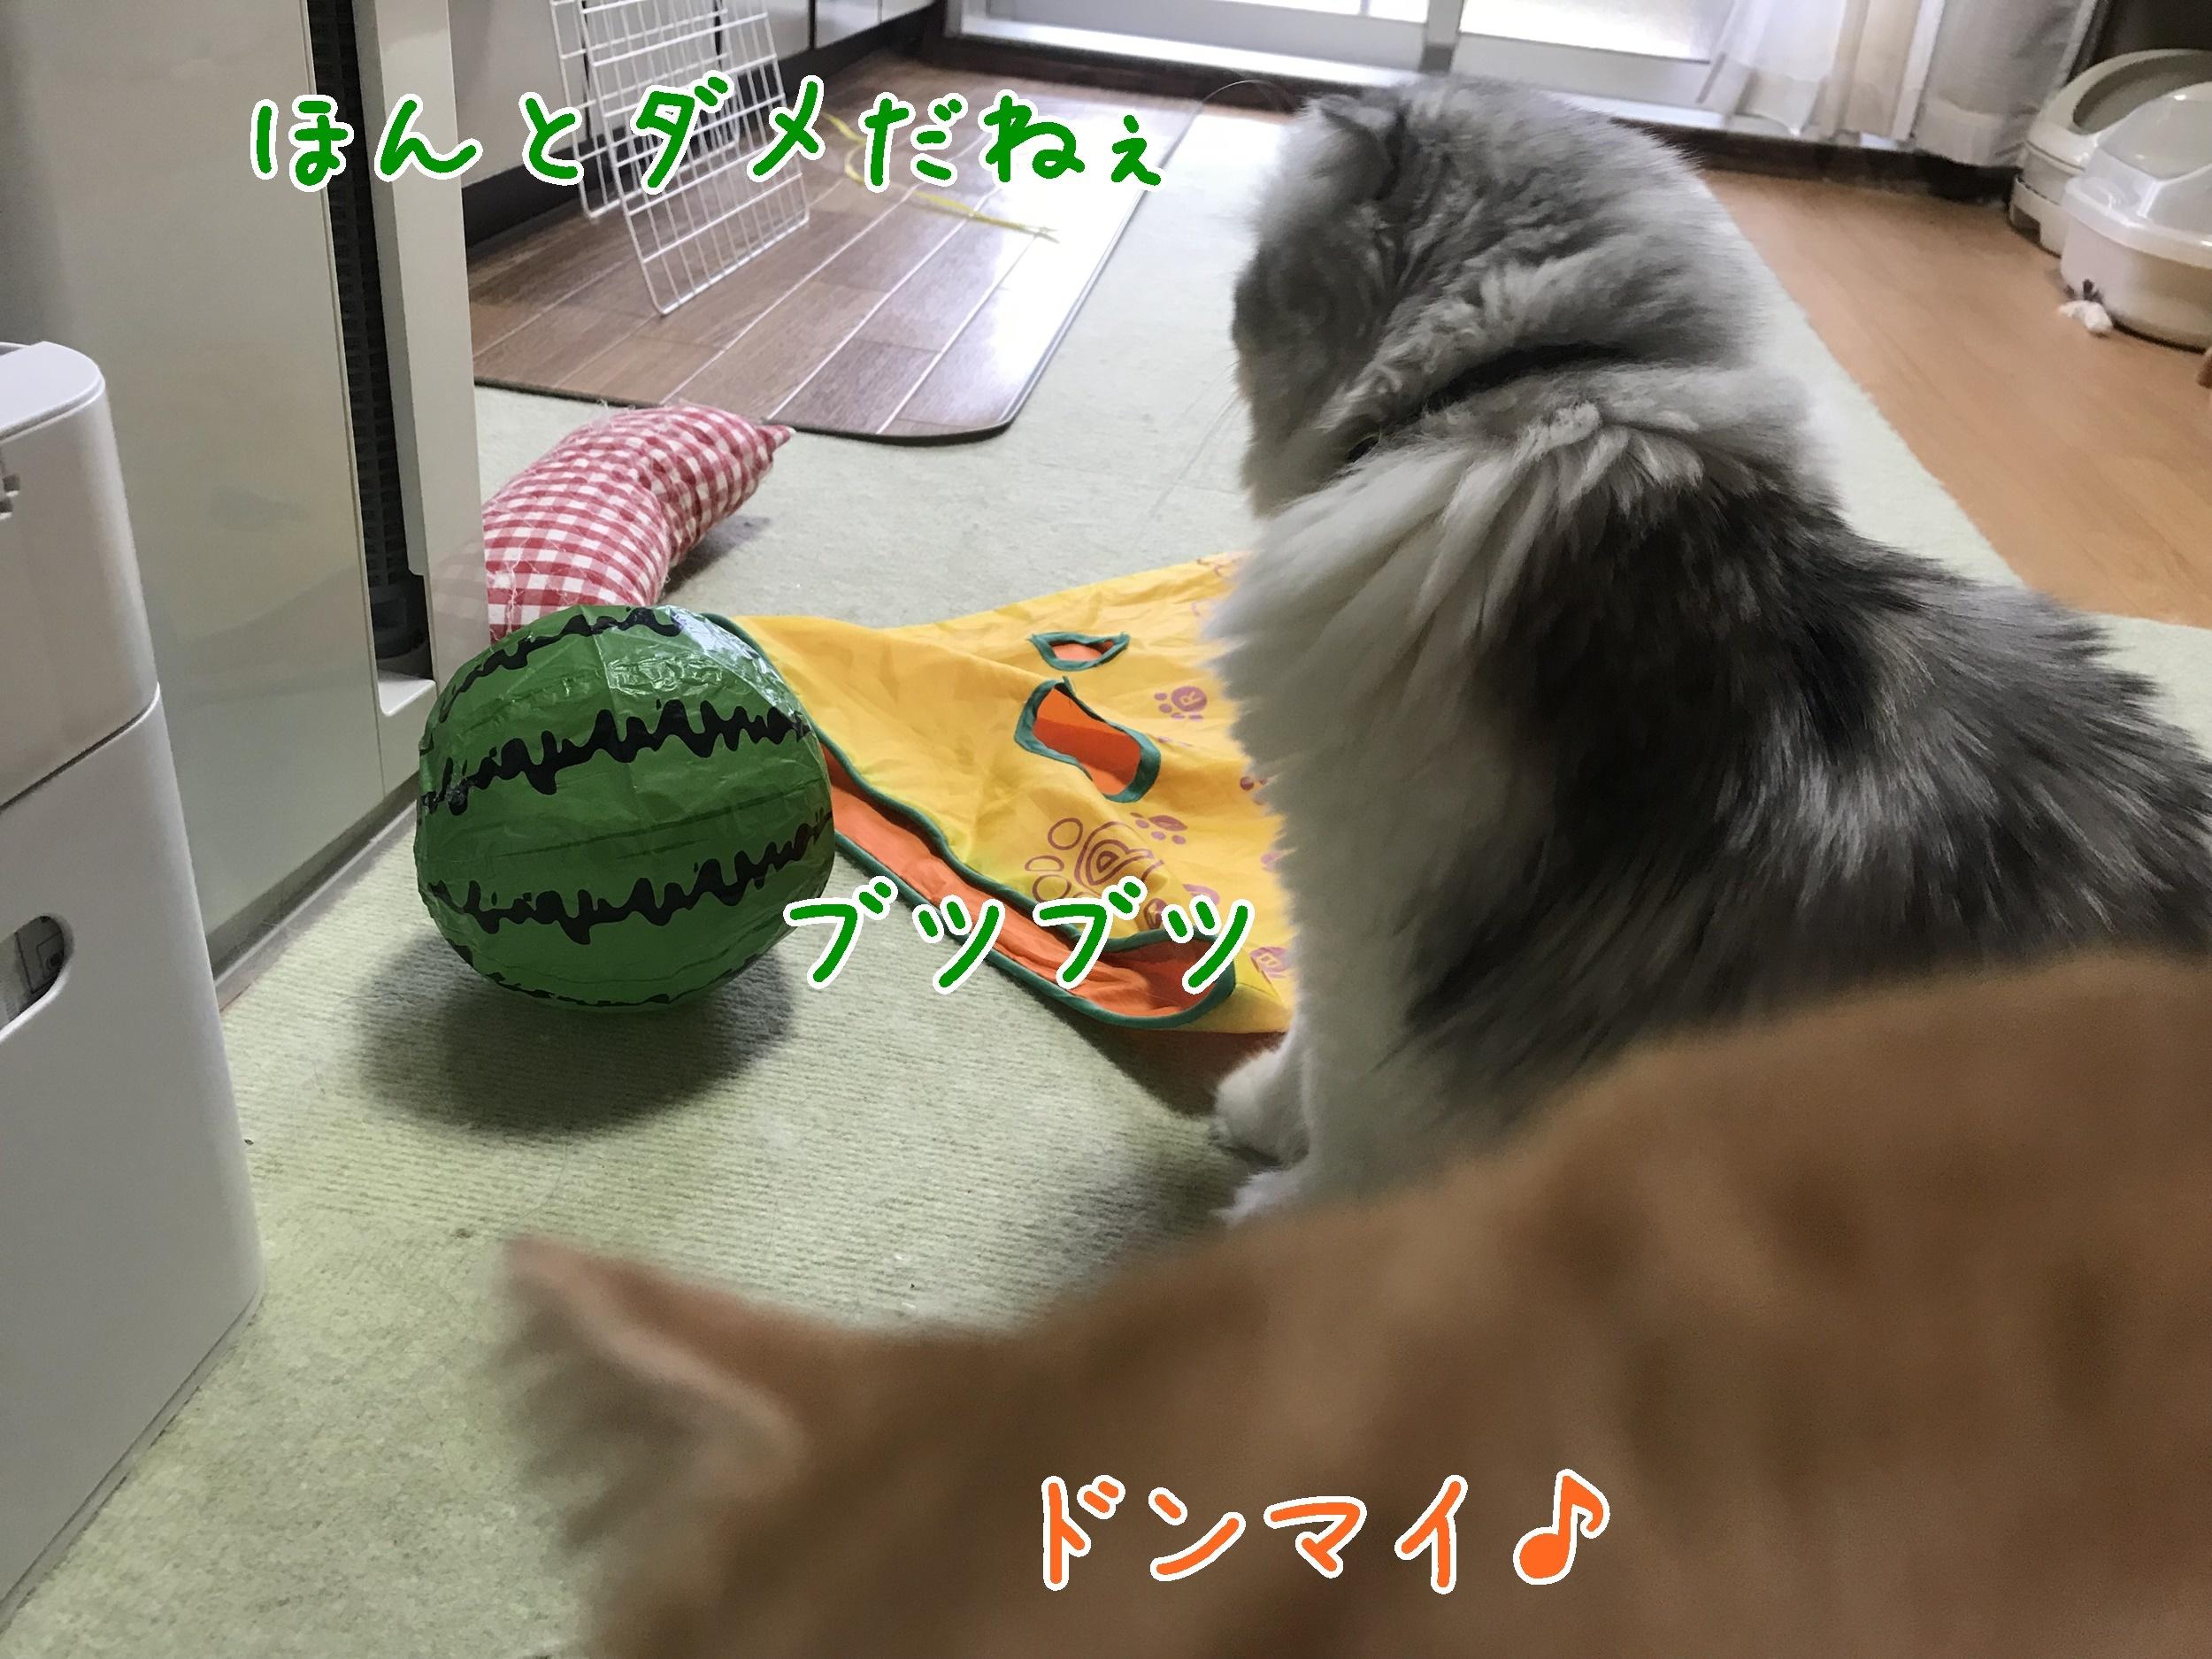 20180808-171510-01.jpg